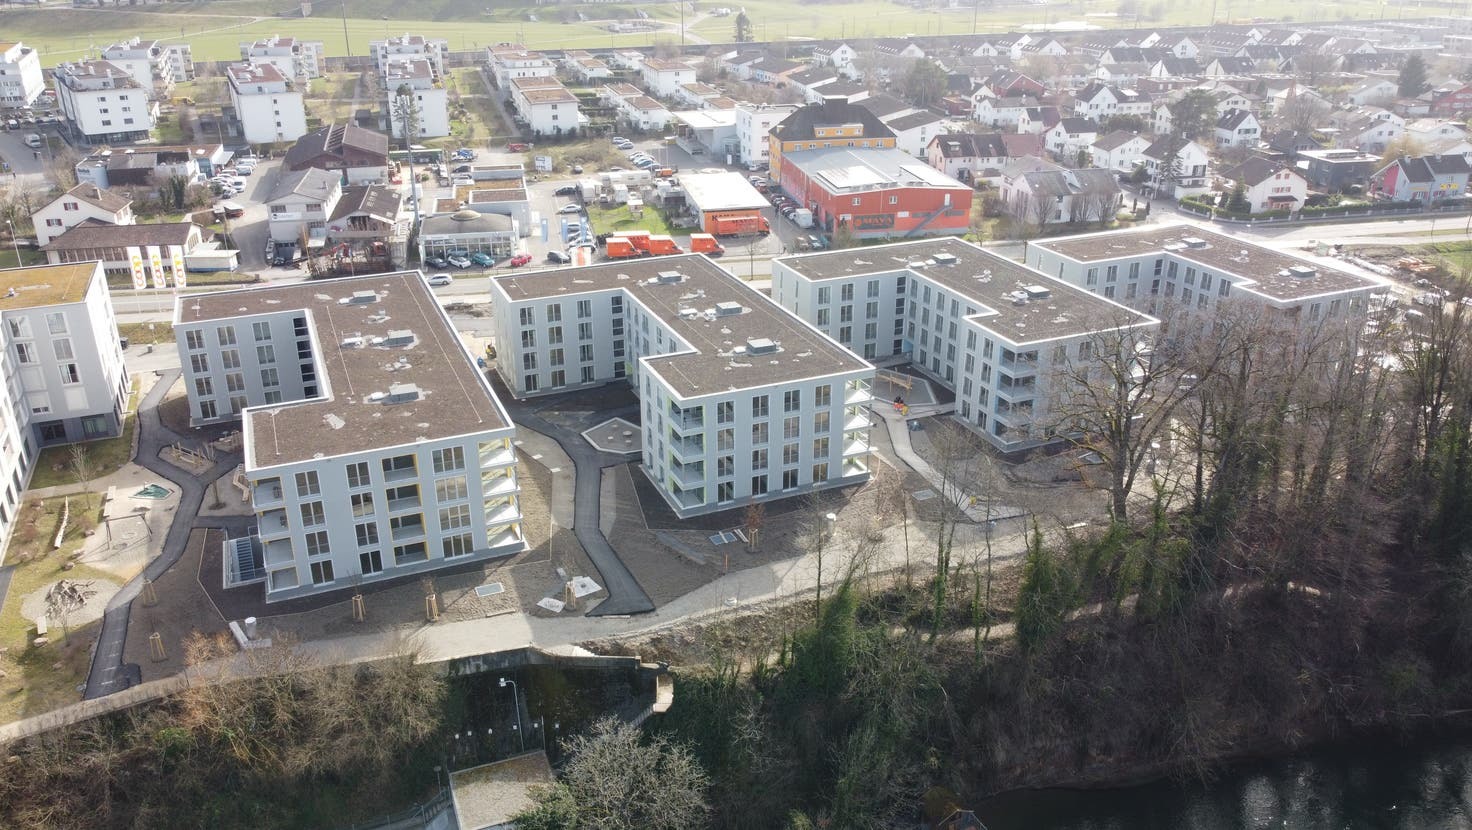 In Rheinfelden kamen mehrere grosse Überbauungen (wie der Salmenpark 2) auf den Markt, was dazu führte, dass in der Gemeinde und im ganzen Bezirk die Leerstände hochgingen. Übrigens war es der einzige Bezirk im Aargau mit mehr leer stehenden Wohnungen als 2020. (Zvg / Aargauer Zeitung)